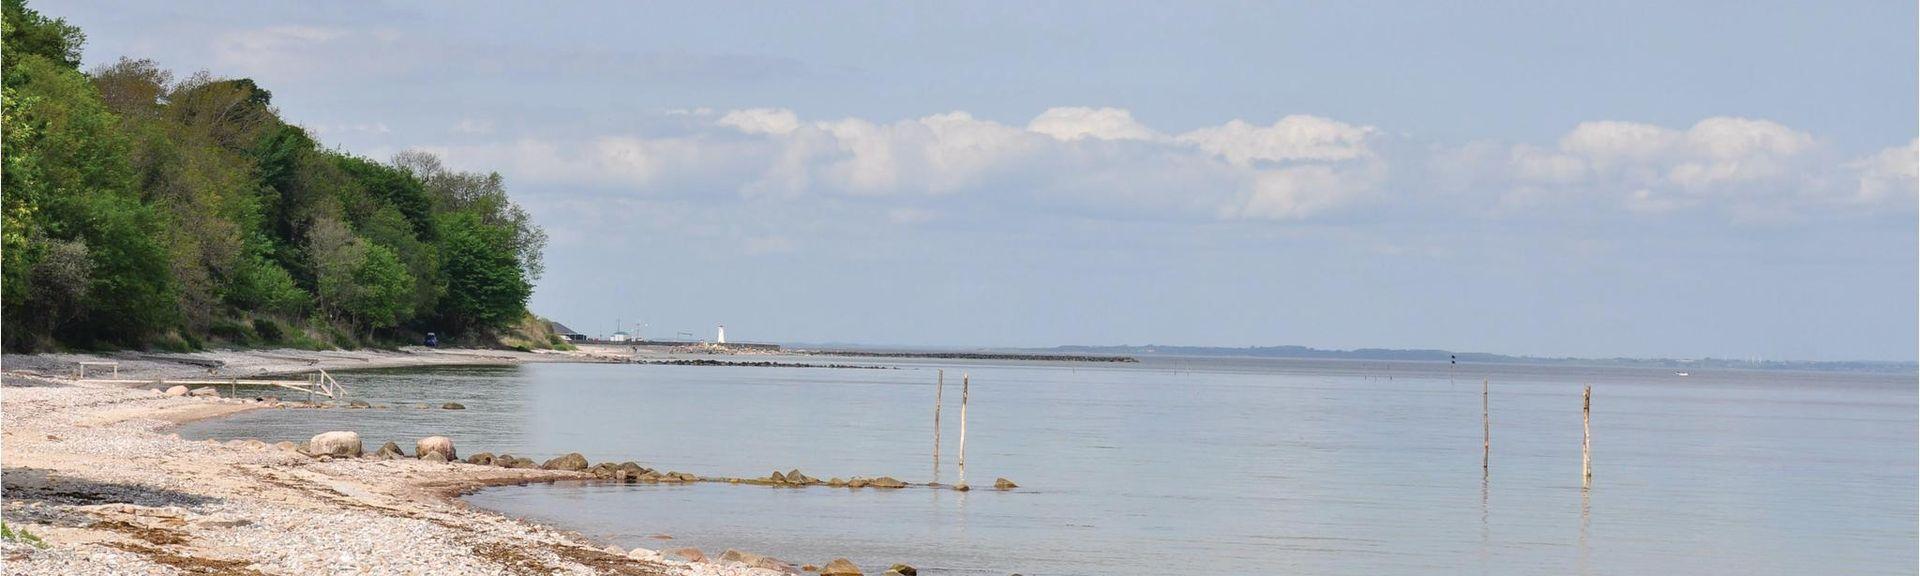 Mommark Strand, Sydals, Syddanmark (Region), Dänemark